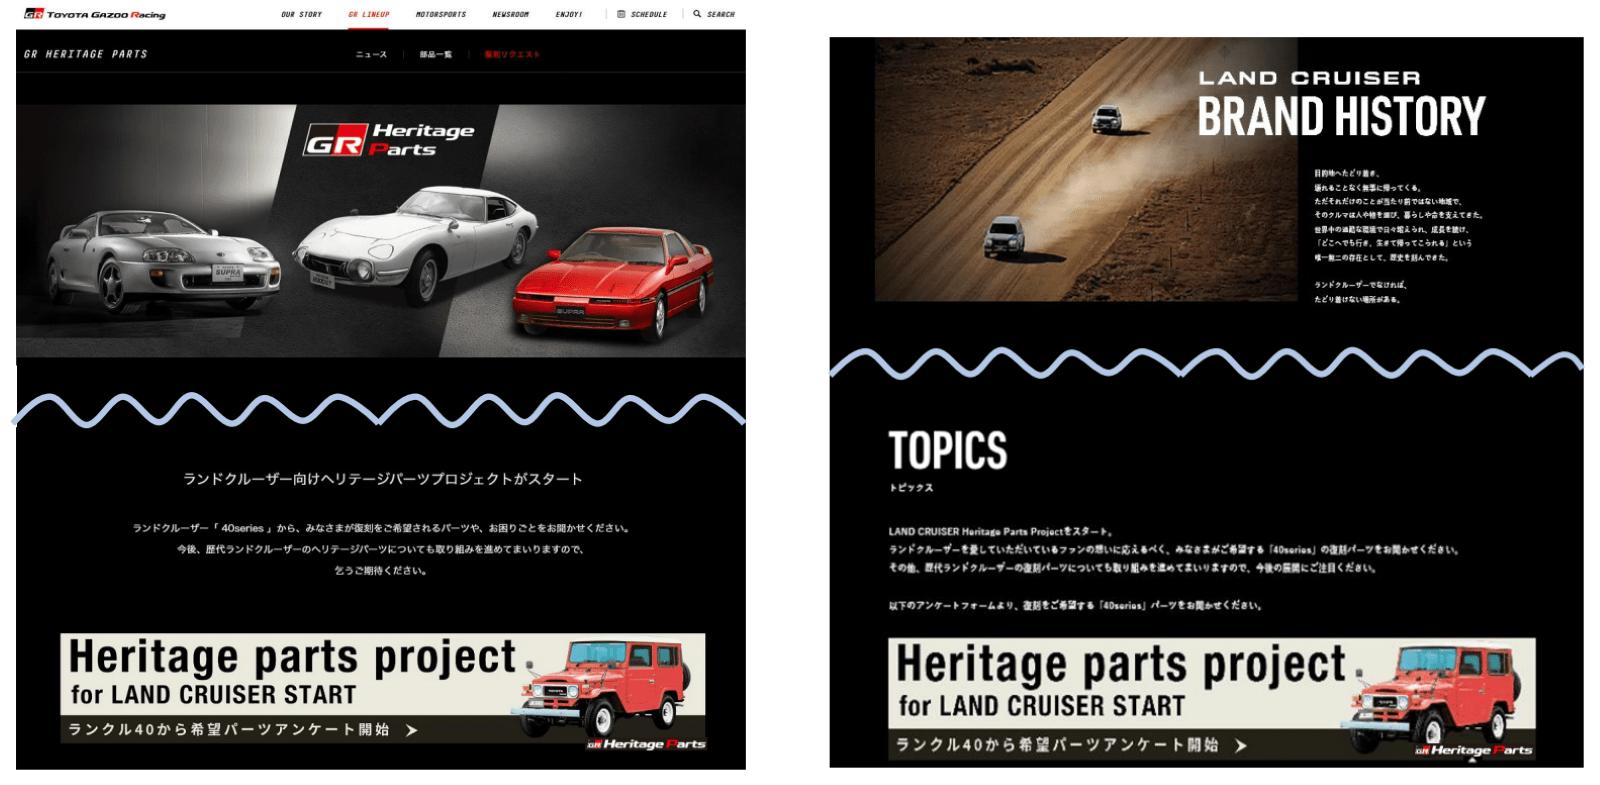 図2 トヨタの復刻部品に関する特設サイト アンケートフォームを用意し、復刻部品の要望を募る。(出所:トヨタ自動車)